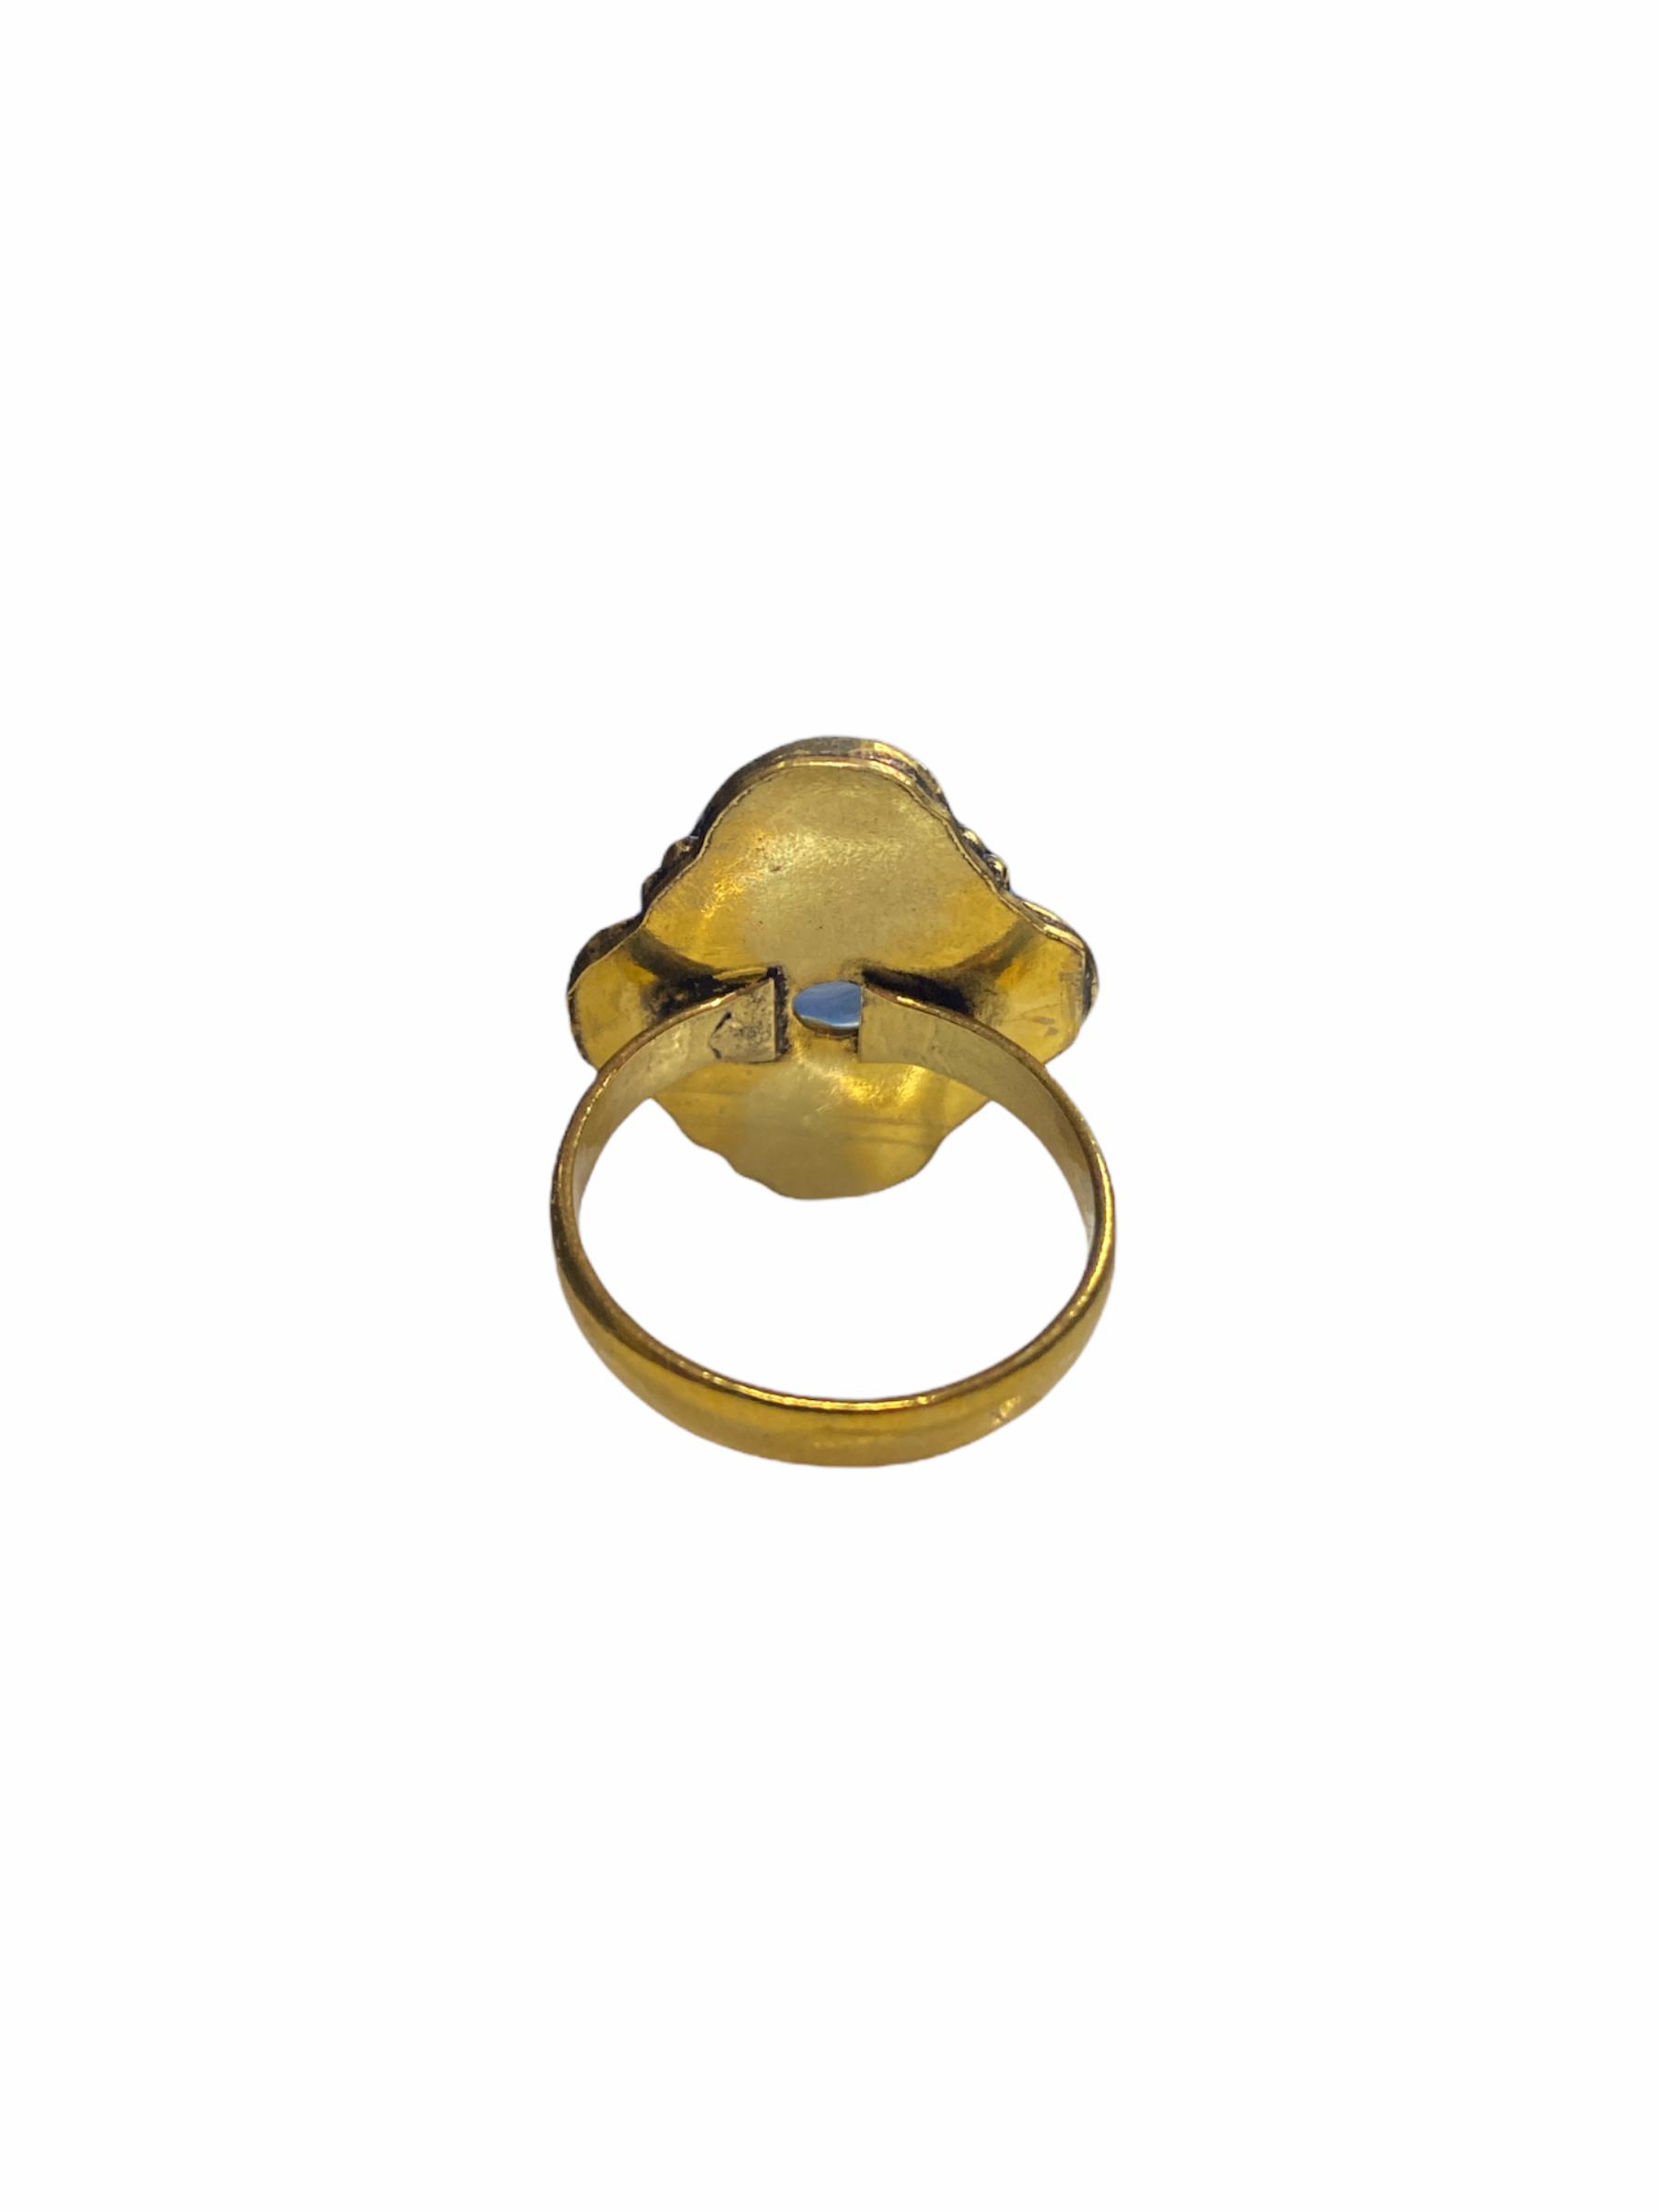 Δαχτυλίδι Χειροποίητο Με Διάφανο Χαλαζία Σε Χρυσό Χρώμα